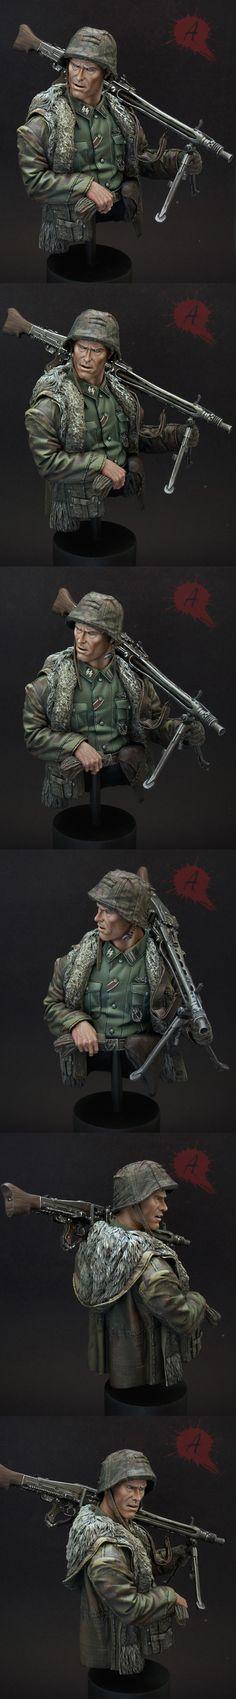 Waffen SS MG42 Gunner